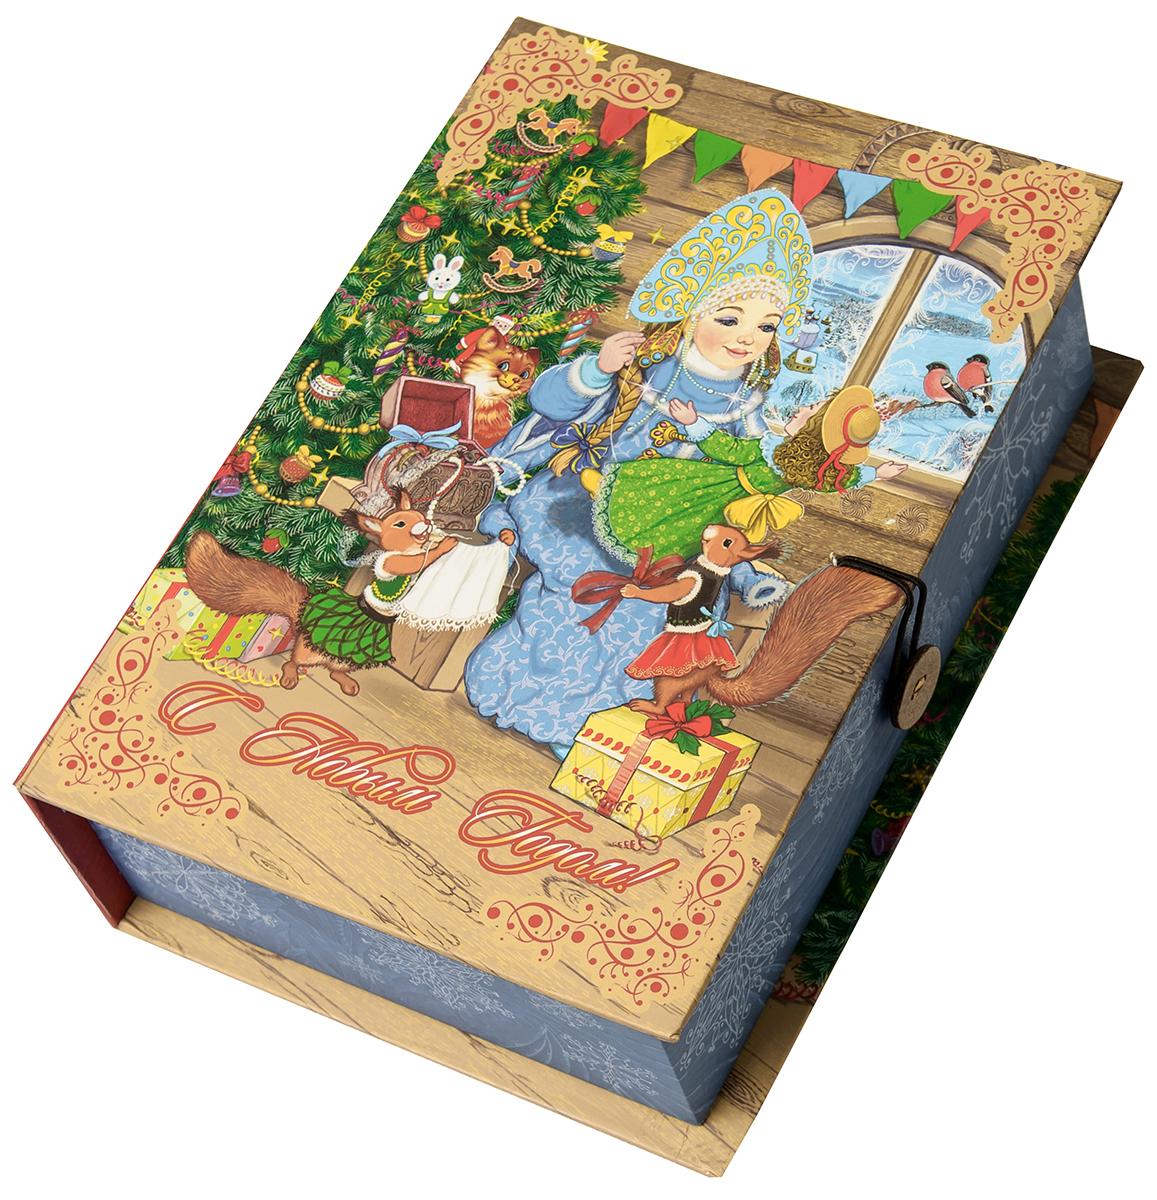 Коробка подарочная Magic Time Снегурка за работой, размер M. 7504975049Подарочная коробка Magic Time, выполненная из мелованного, ламинированного картона, закрывается на пуговицу. Крышка оформлена декоративным рисунком. Подарочная коробка - это наилучшее решение, если вы хотите порадовать ваших близких и создать праздничное настроение, ведь подарок, преподнесенный в оригинальной упаковке, всегда будет самым эффектным и запоминающимся. Окружите близких людей вниманием и заботой, вручив презент в нарядном, праздничном оформлении.Плотность картона: 1100 г/м2.